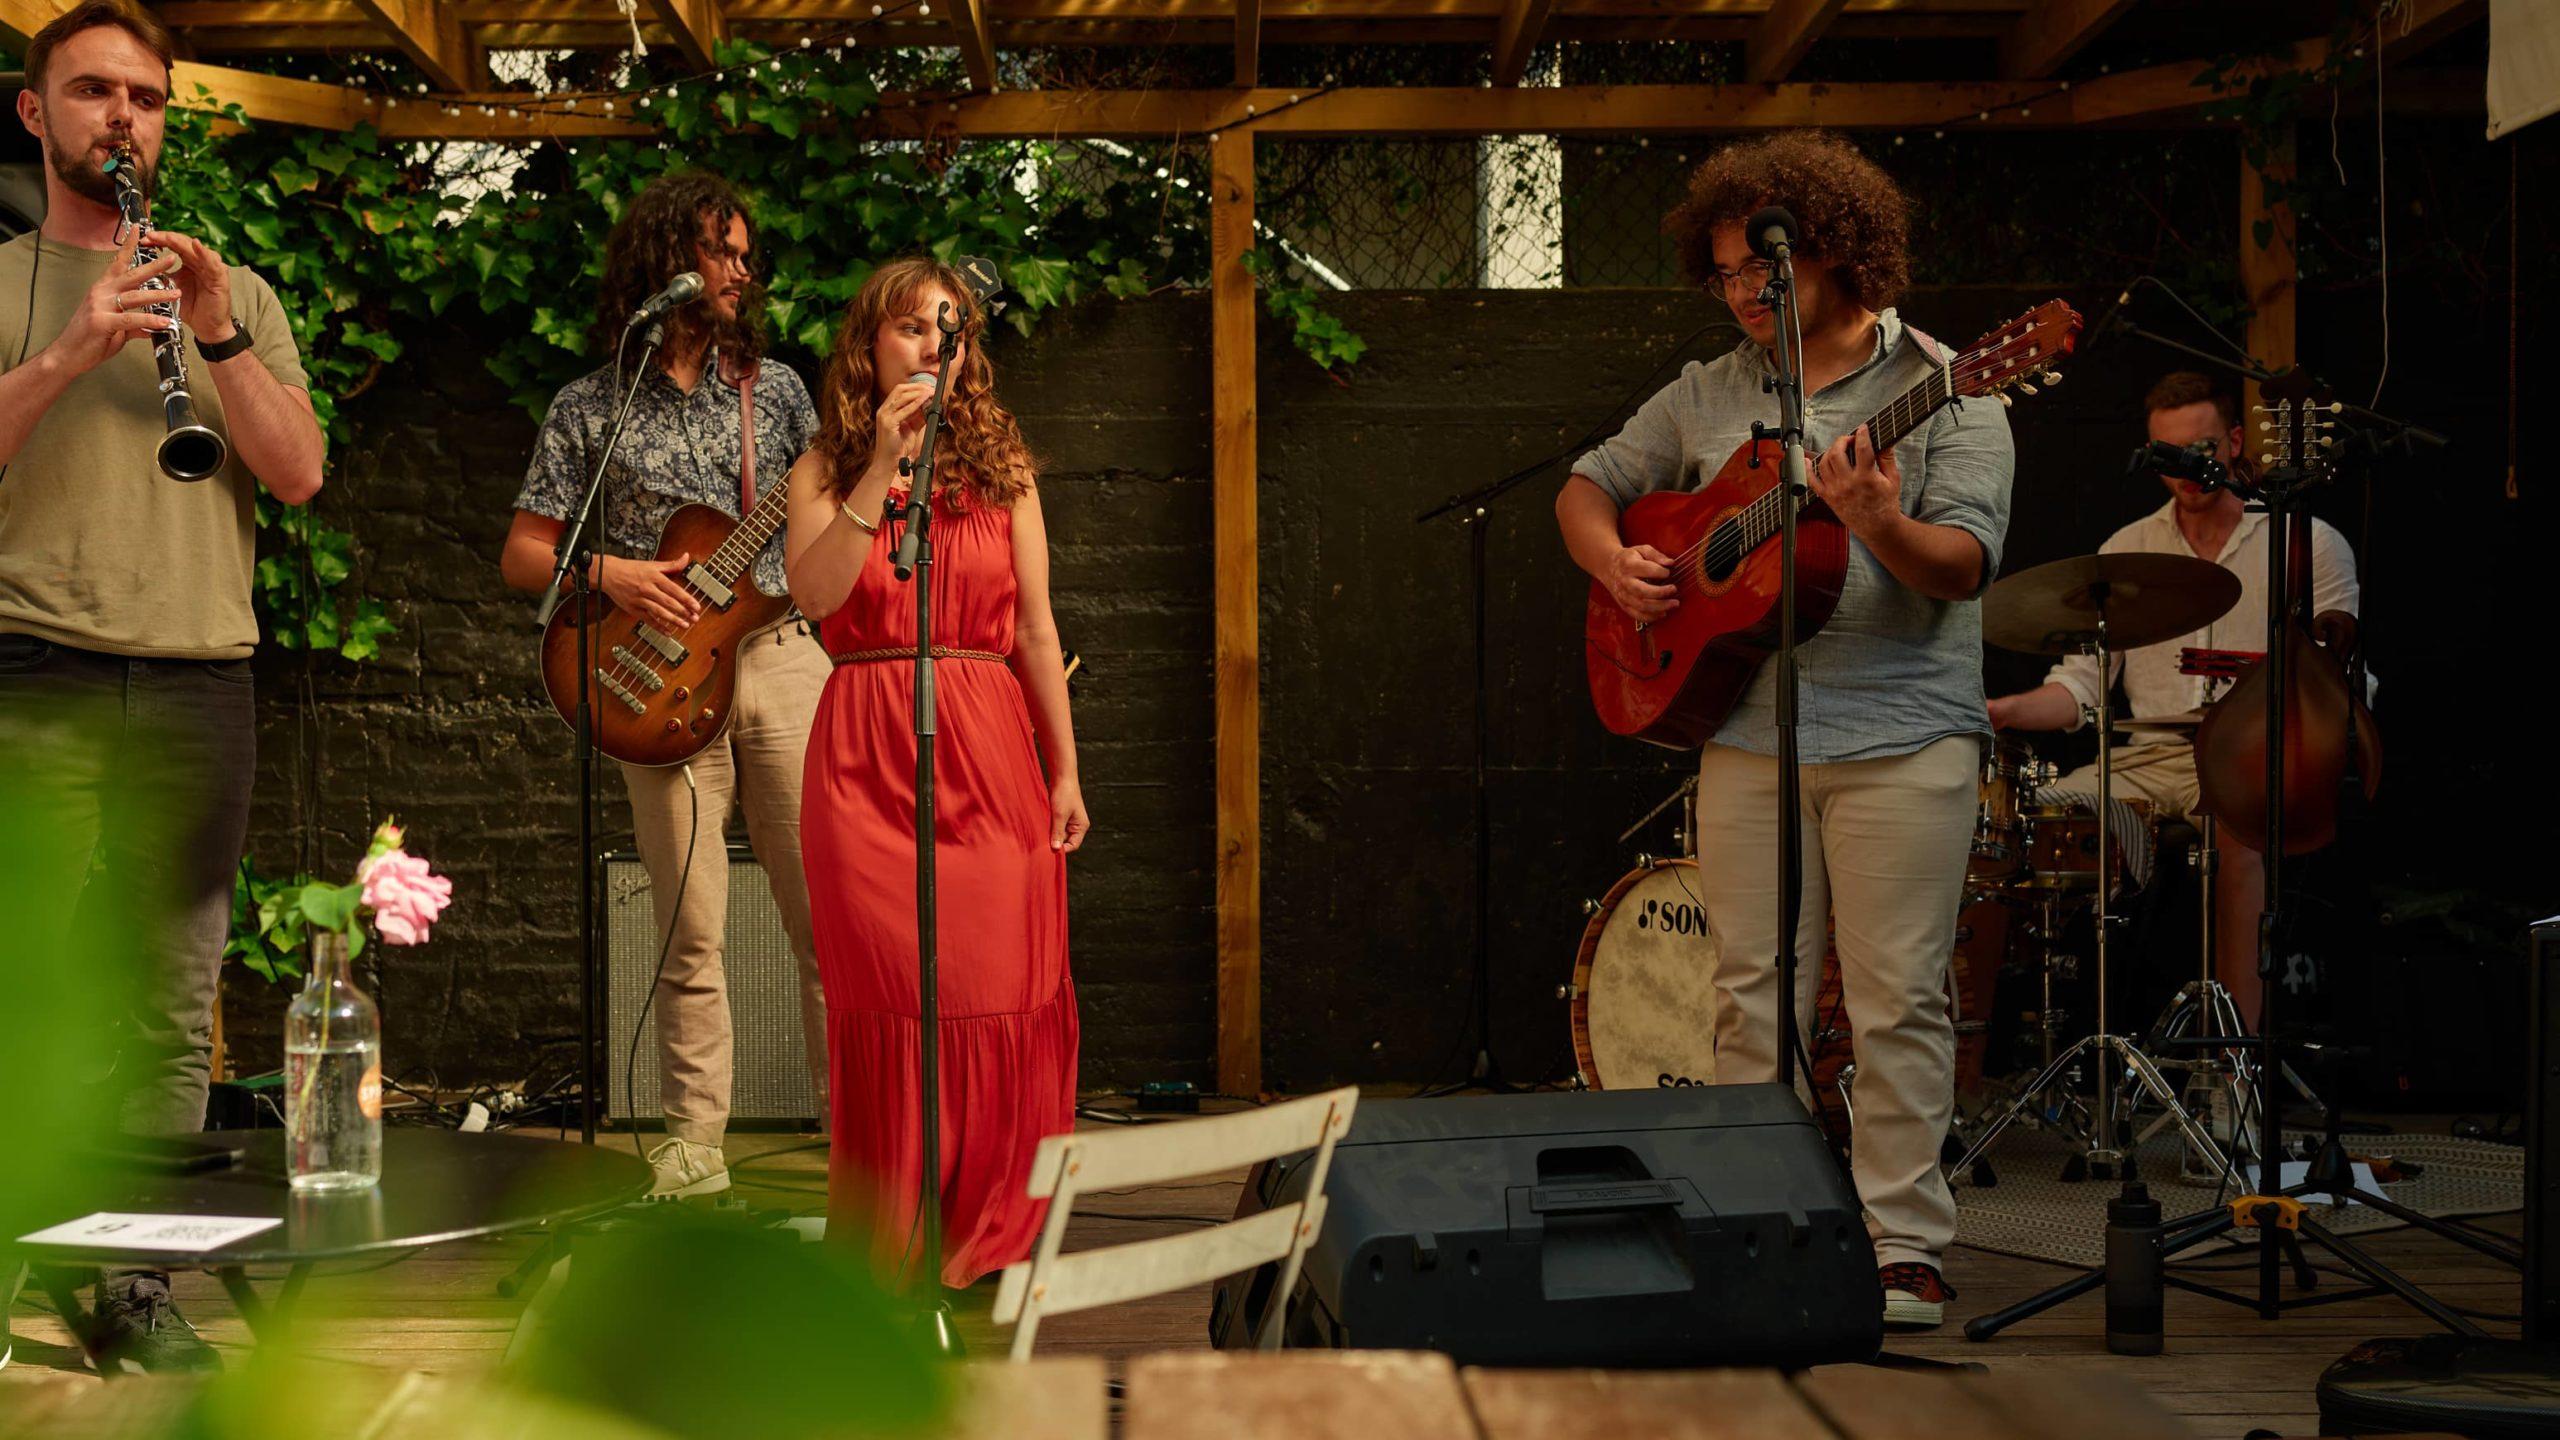 Sommerkonsert musikkstudenter almbumslipp spiregården bakgårdscafé